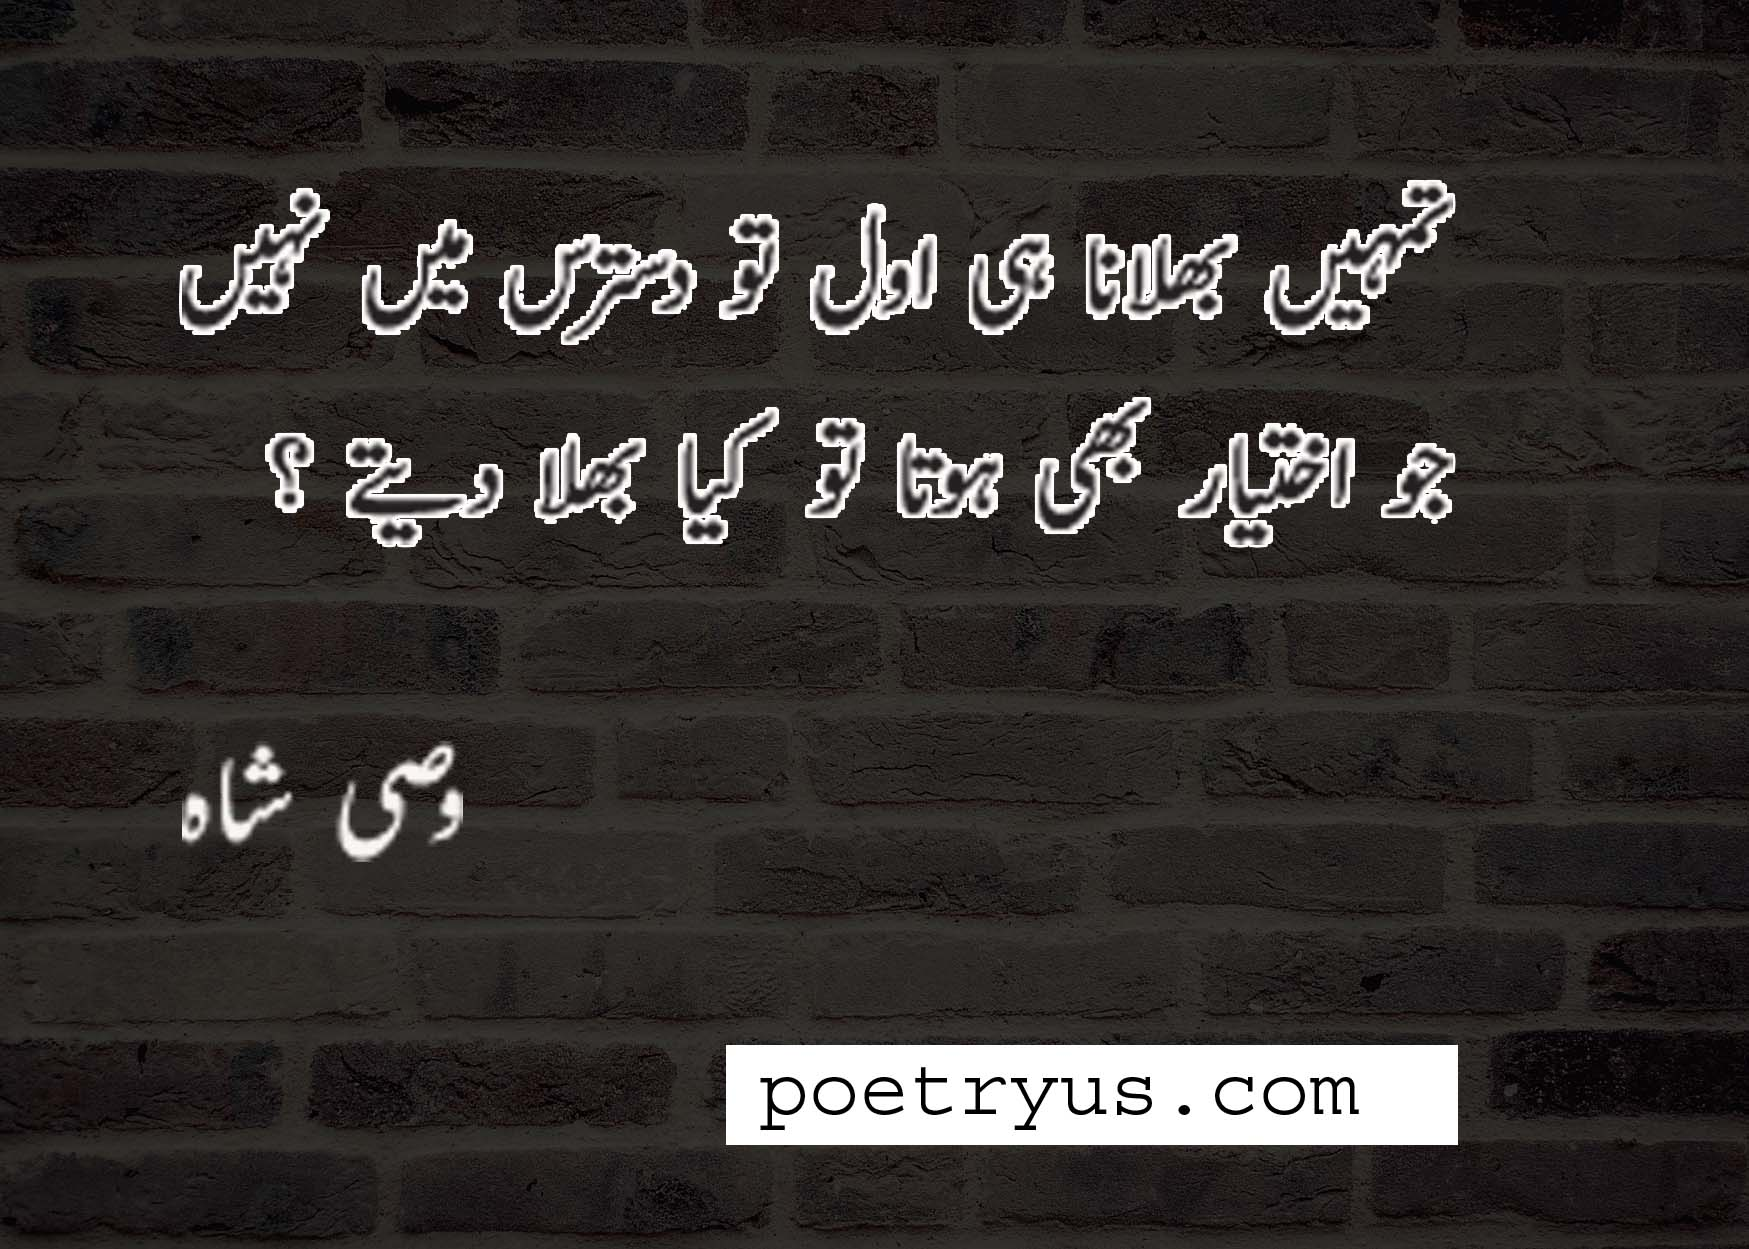 wasi shah poetry in urdu 2 line